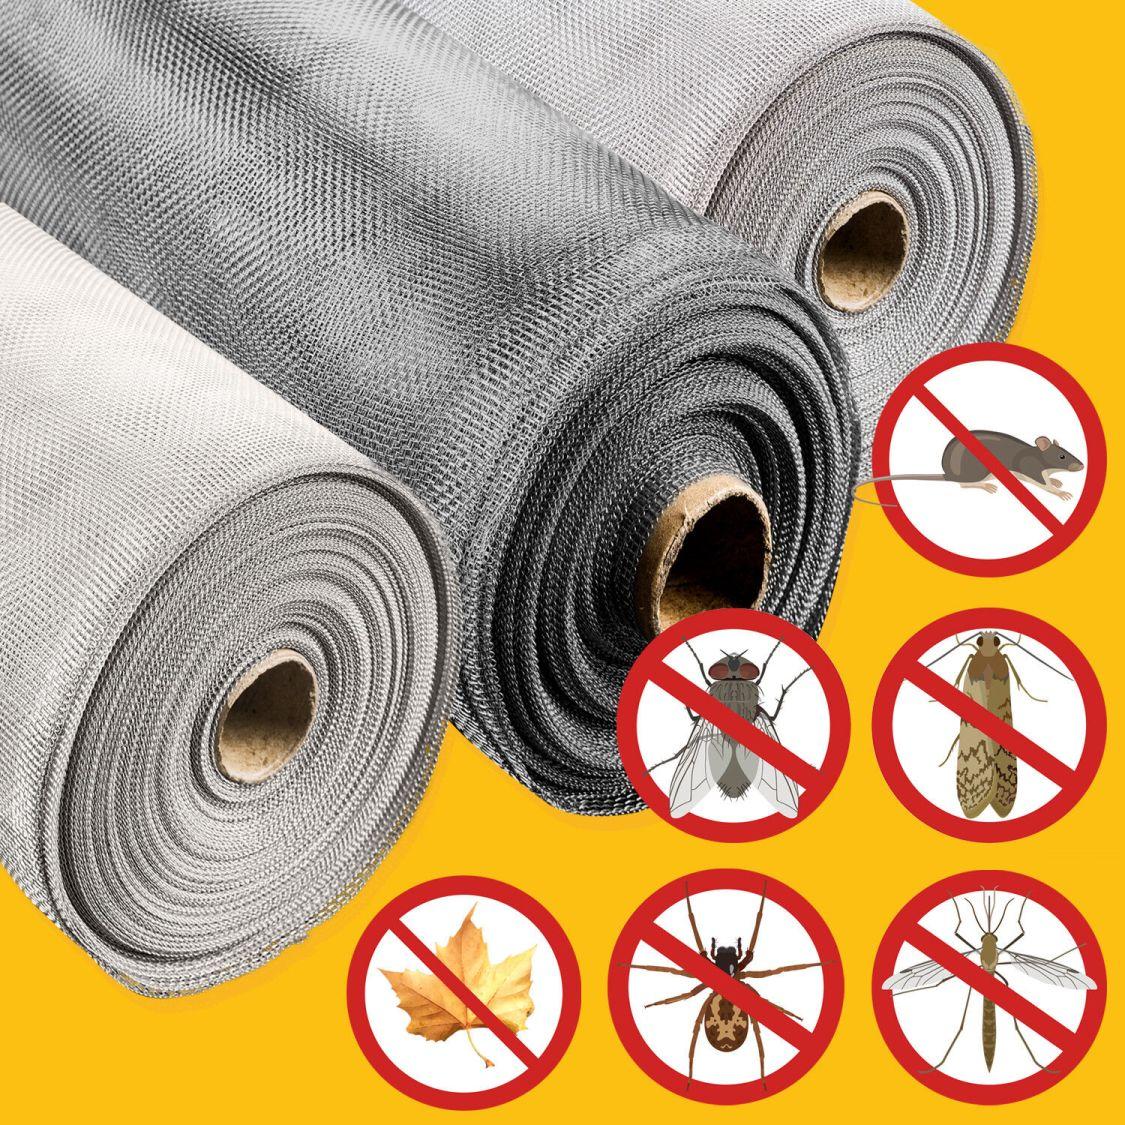 Fliegennetz EDELSTAHL Fliegengitter FENSTER ALU 2m Spannrahmen Insektenschutz